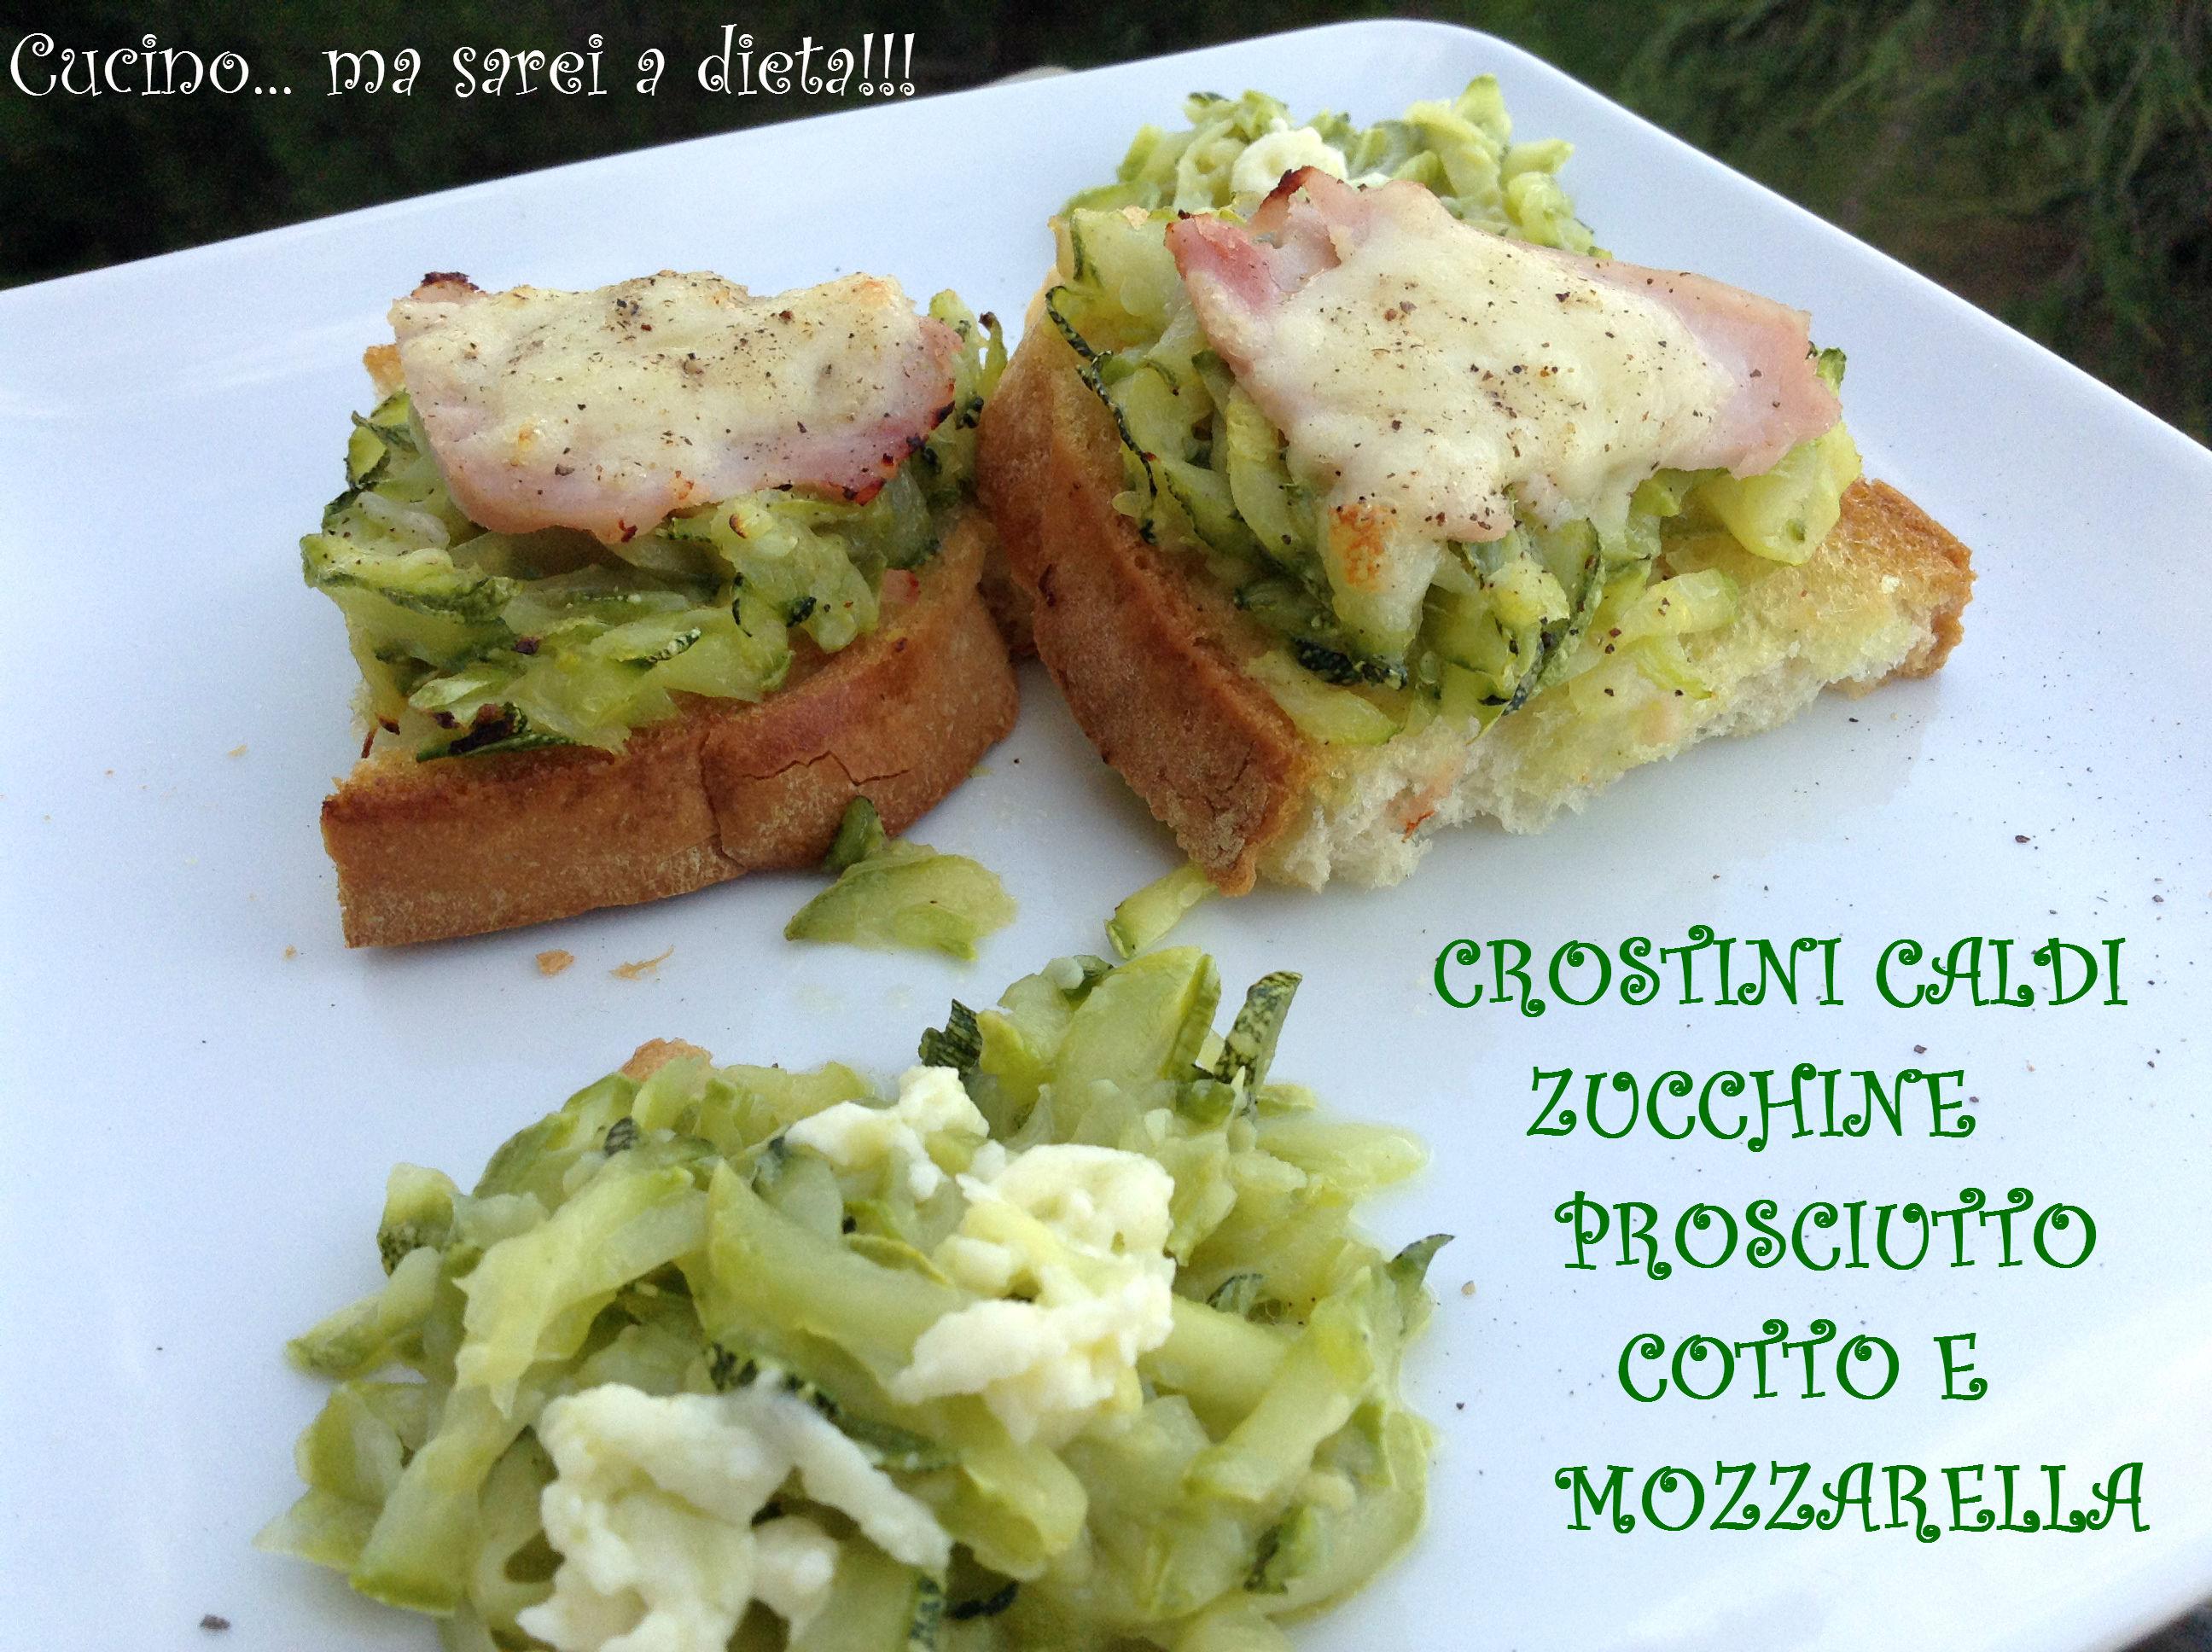 Crostini con le zucchine